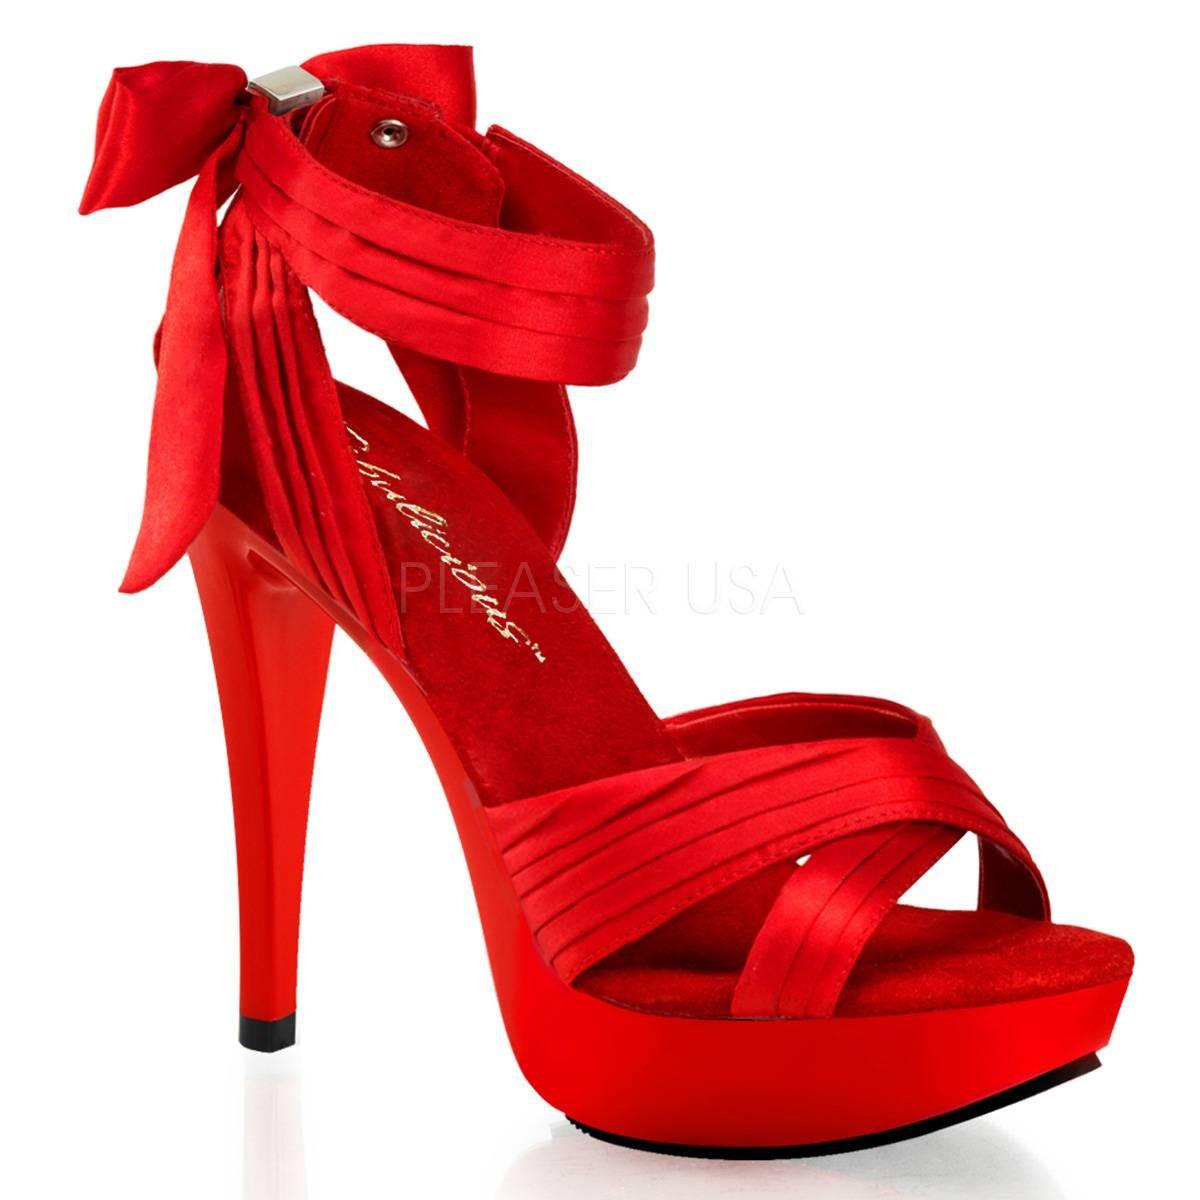 Highheels - COCKTAIL 568 ° Damen Sandalette ° Rot Matt ° Fabulicious  - Onlineshop RedSixty